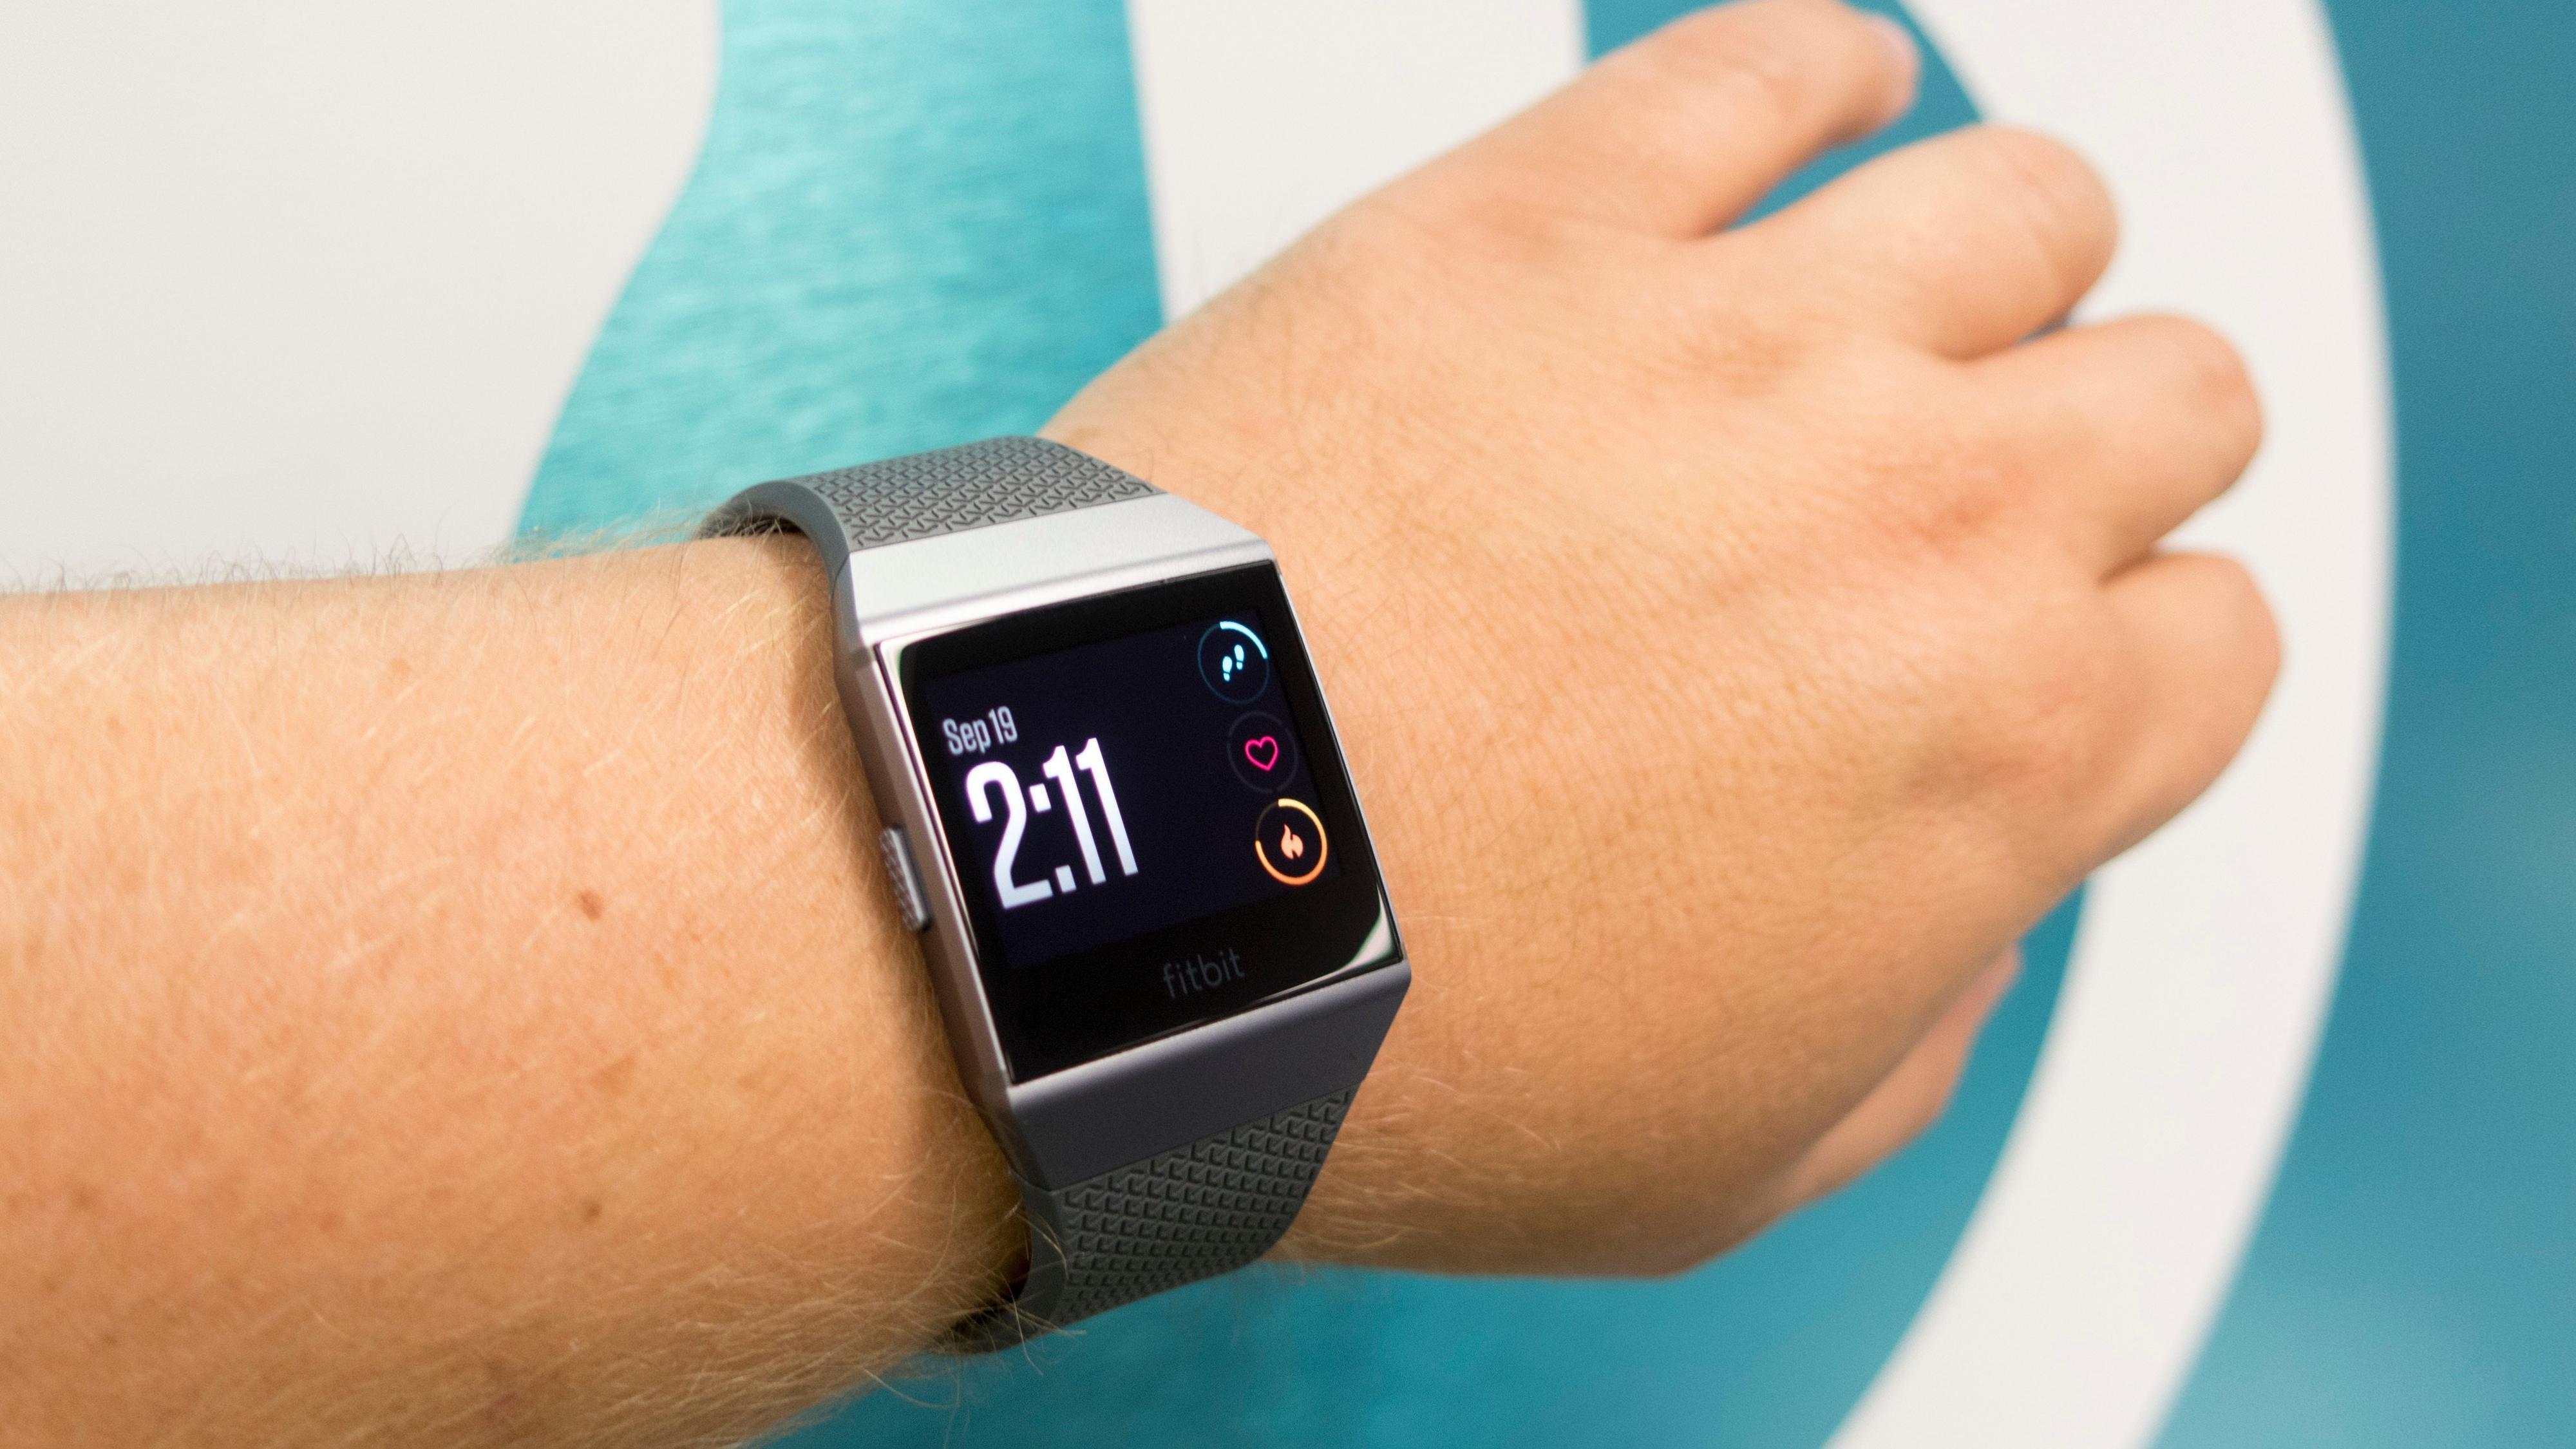 Mange har etterspurt betaling gjennom Fitbit (bildet) og Garmin, ifølge Sbanken.